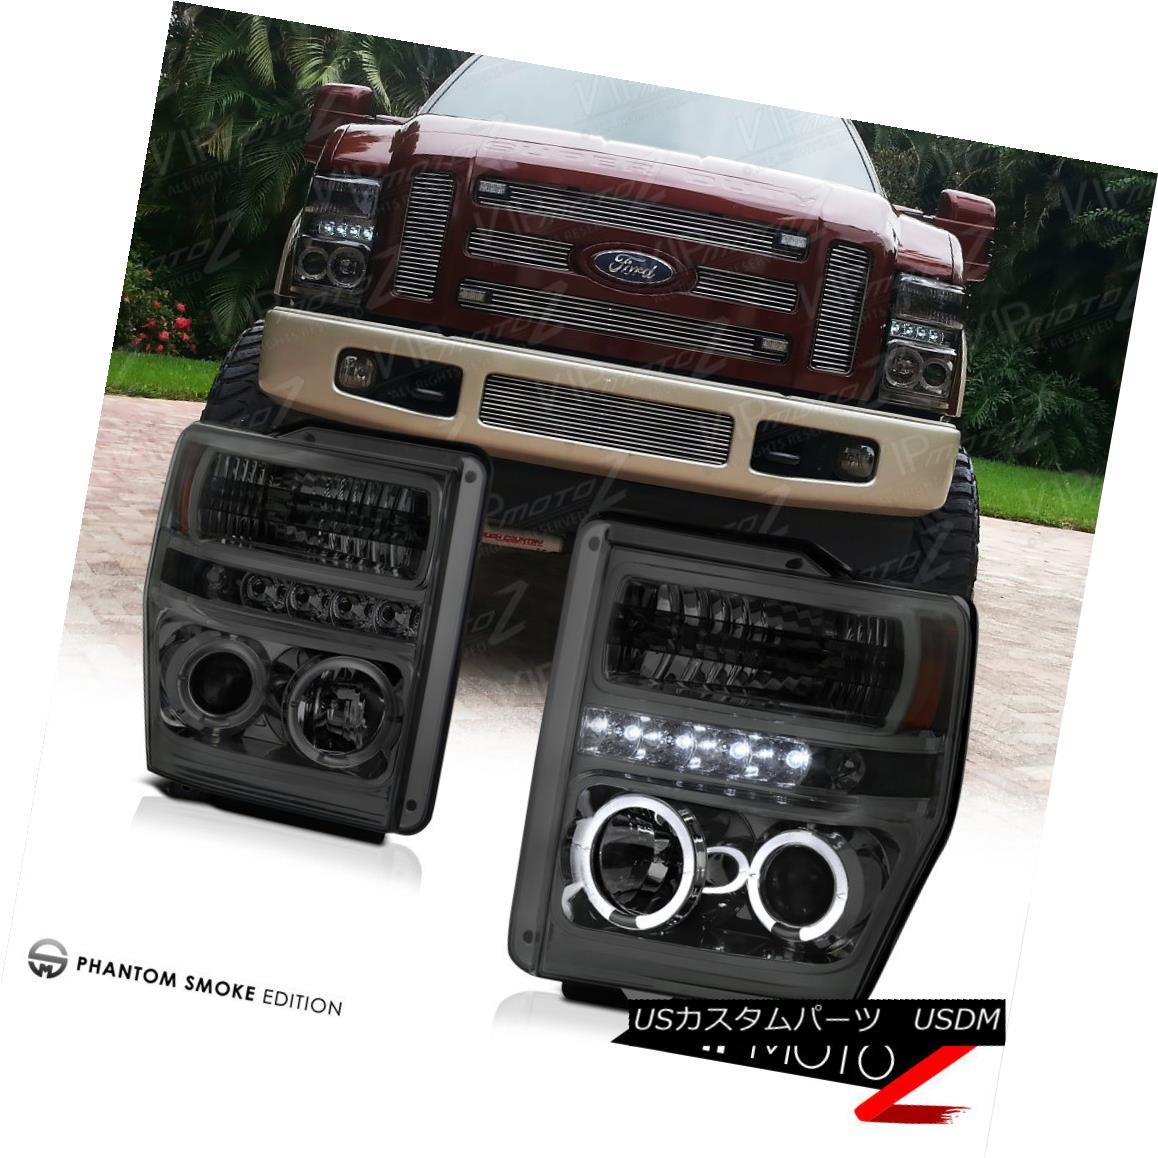 ヘッドライト Ford F250 F350 F450 SuperDuty 2008-2010 Smoke Tint Halo LED Projector Headlight フォードF250 F350 F450 SuperDuty 2008-2010スモークティントハローLEDプロジェクターヘッドライト